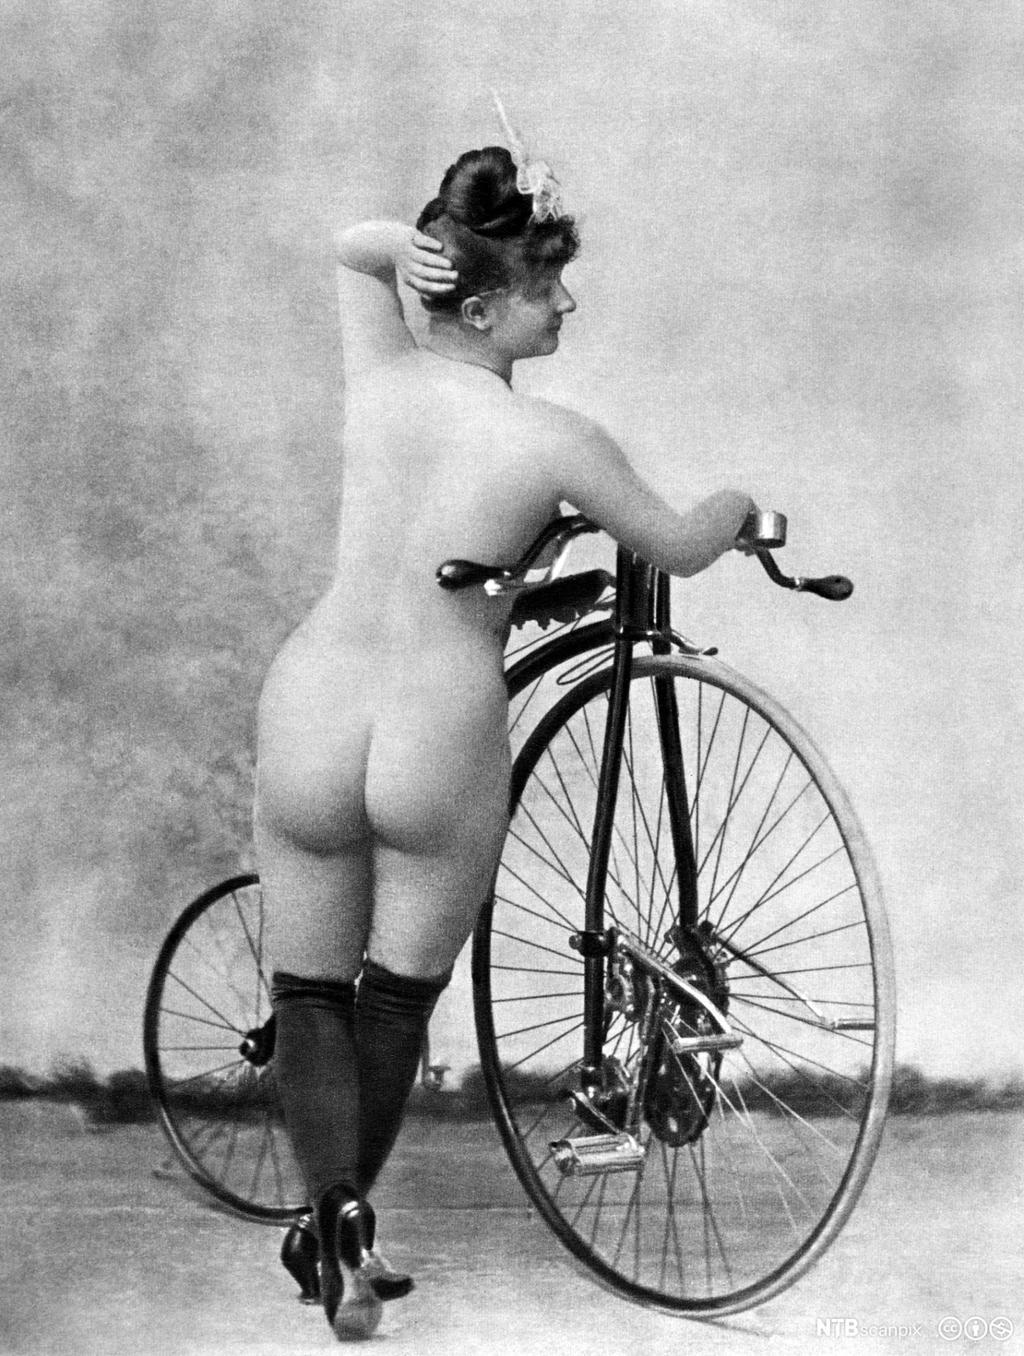 Naken kvinne med gammeldags sykkel. Bilde.